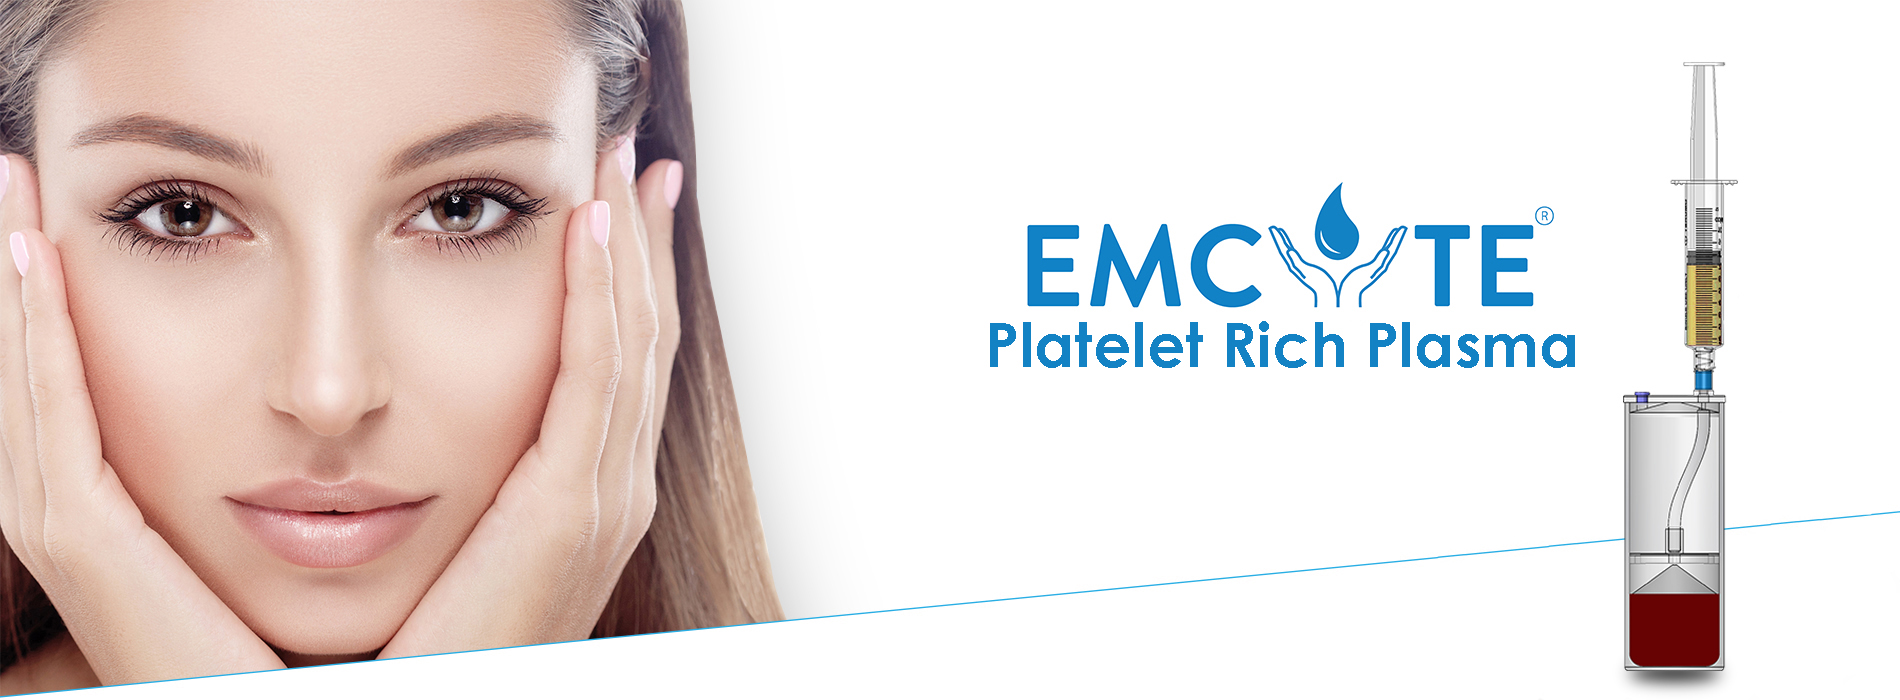 Buy Emcyte PRP Kits | Platelet Rich Plasma Kits | FDA